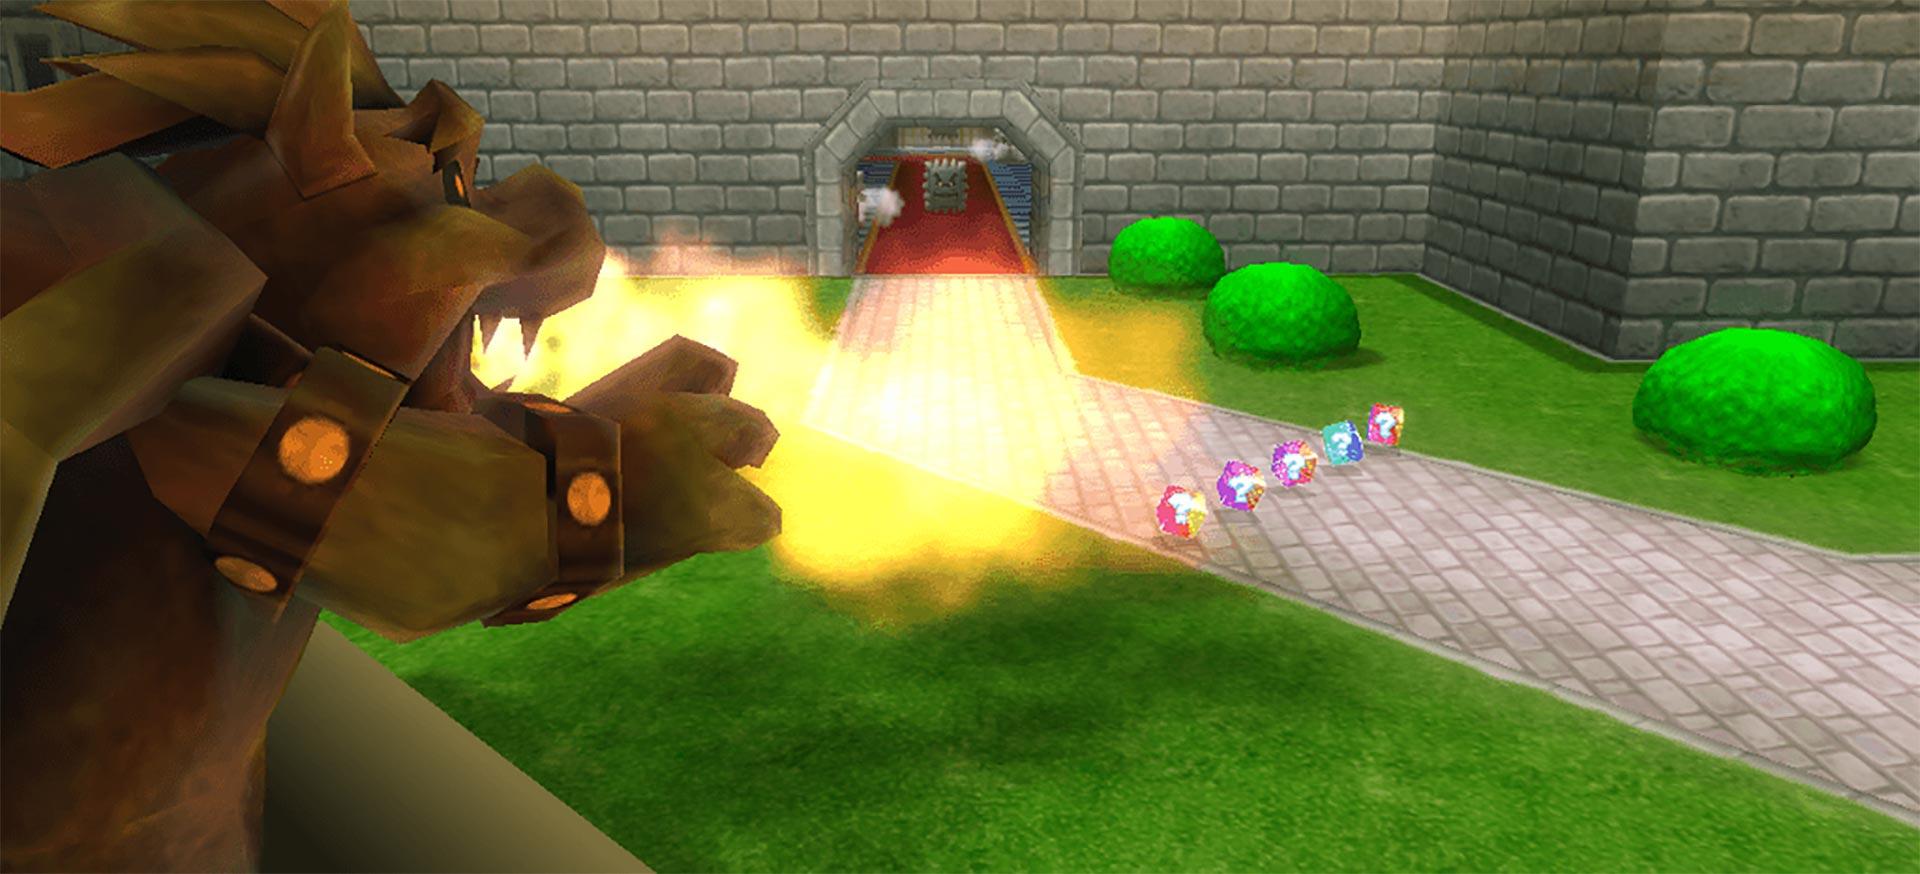 Mario Kart 64's Bowser's Castle.